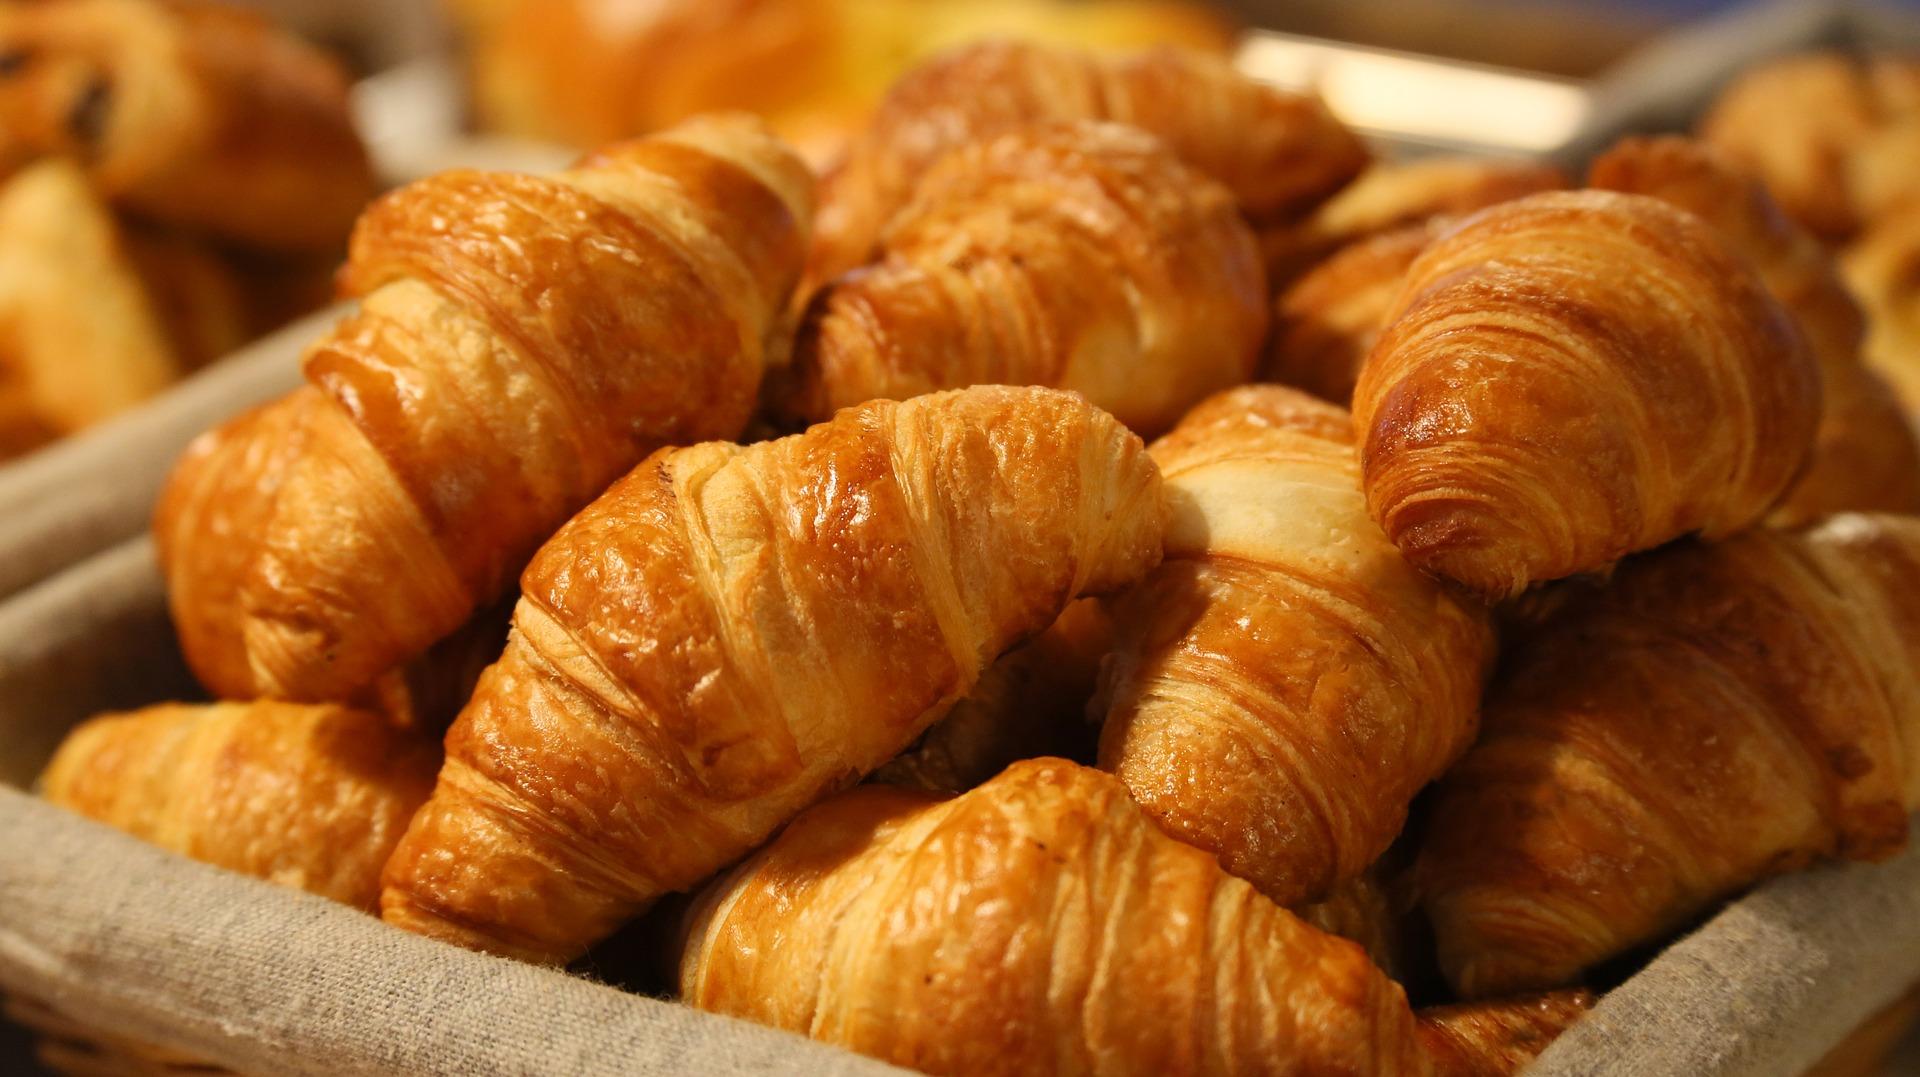 bread-1284438_1920